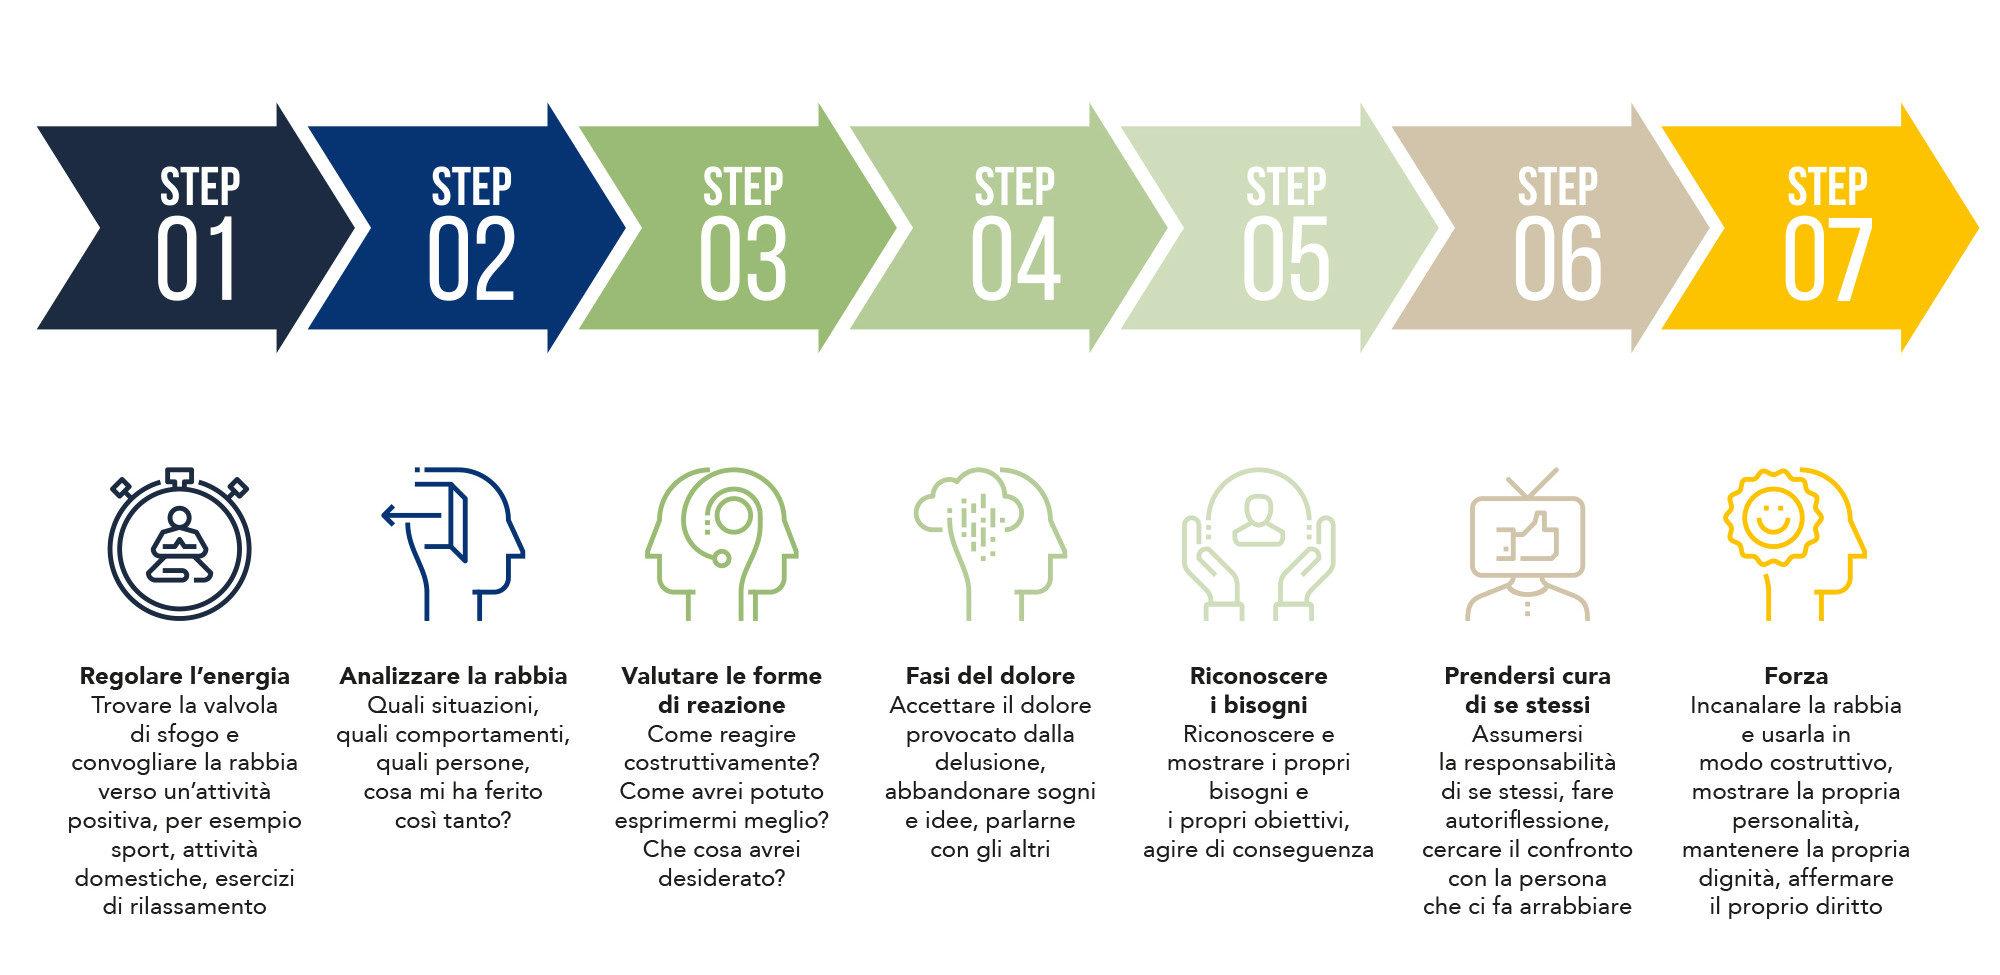 7 passi per contrallare la rabbia in maniera consapevole